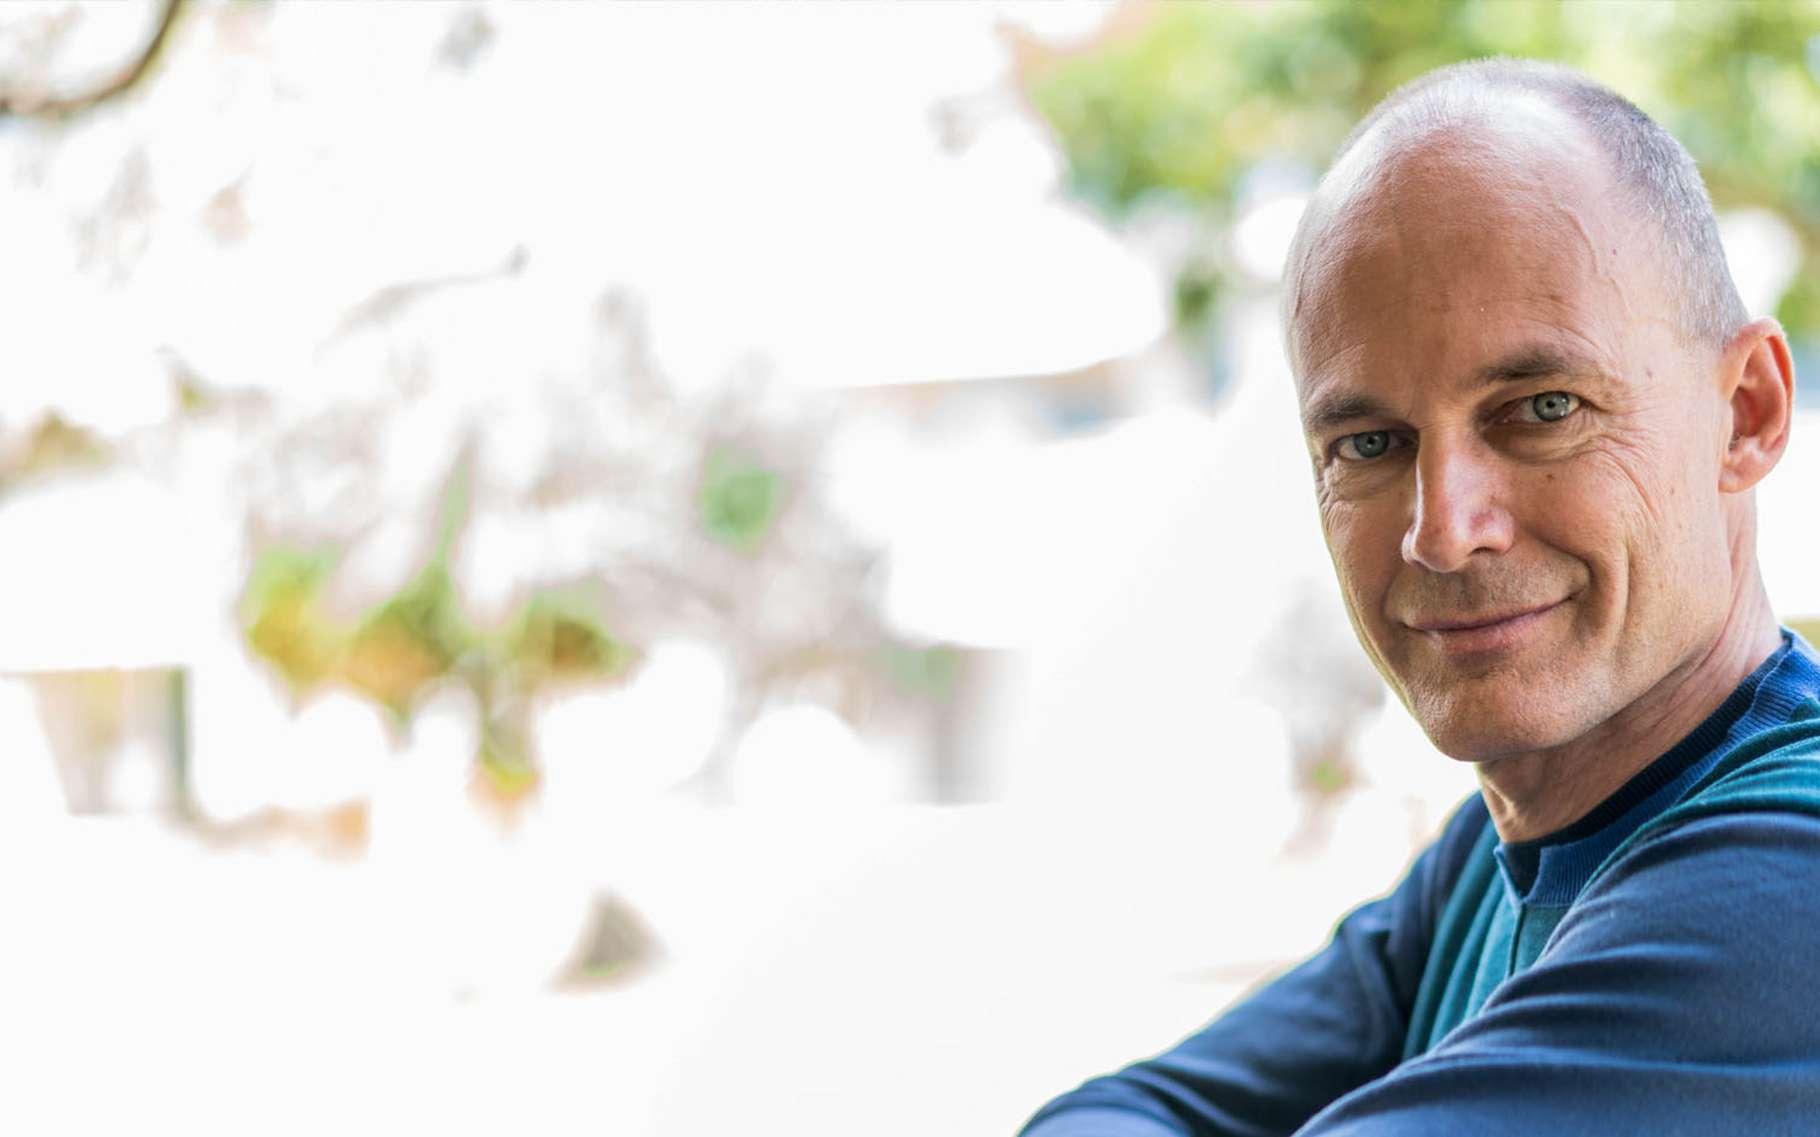 Bertrand Piccard, engagé dans la protection de l'environnement, est l'initiateur de la fondation Solar Impulse. © Bertrand Picard, Solar Impulse